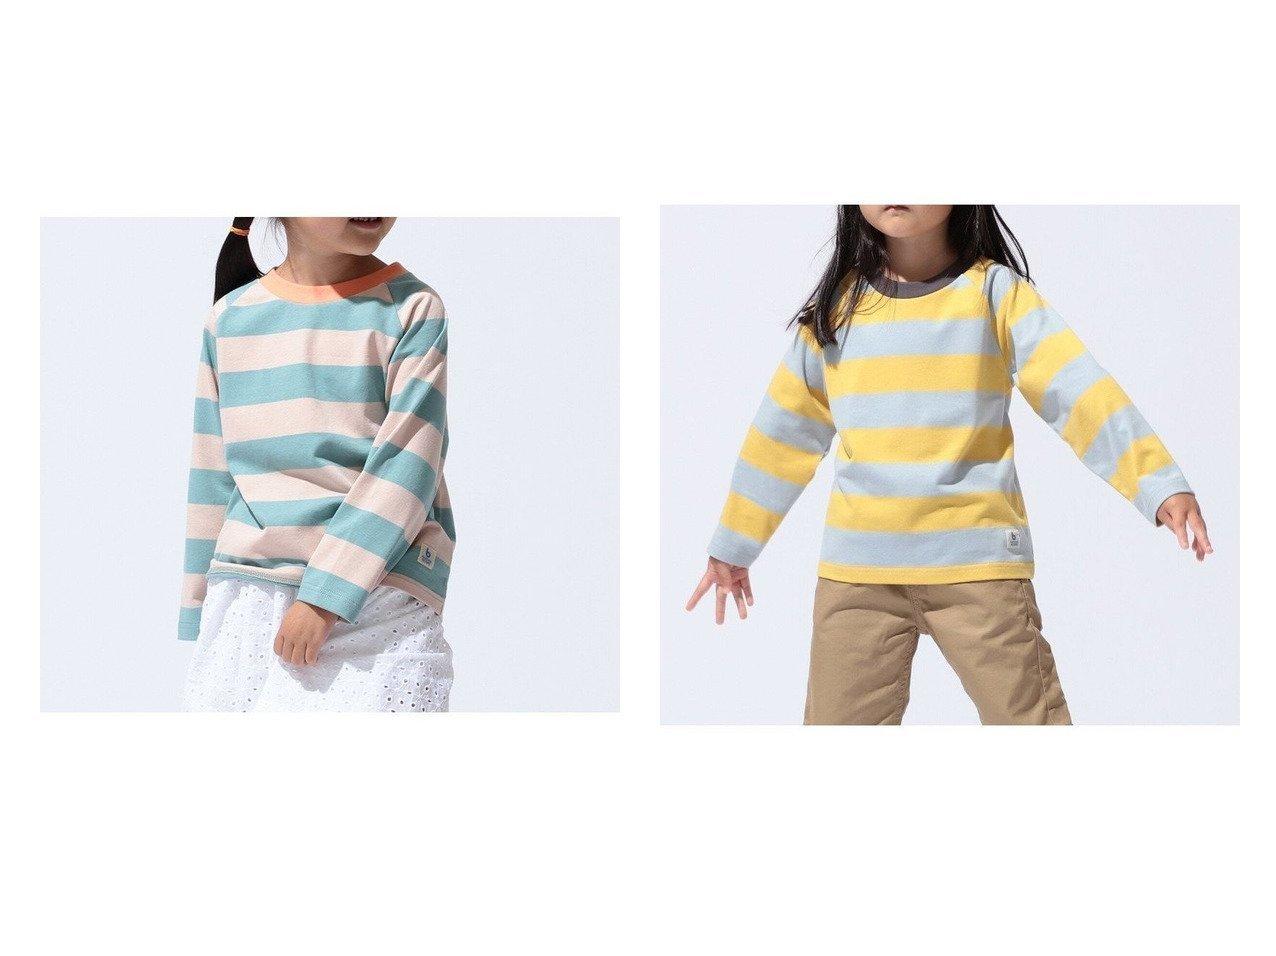 【コドモ ビームス / KIDS/こども ビームス】のこども ビームス ボーダー ラグラン Tシャツ(80~120cm) 【KIDS】子供服のおすすめ!人気トレンド・キッズファッションの通販  おすすめで人気の流行・トレンド、ファッションの通販商品 メンズファッション・キッズファッション・インテリア・家具・レディースファッション・服の通販 founy(ファニー) https://founy.com/ ファッション Fashion キッズファッション KIDS トップス・カットソー Tops/Tees/Kids カットソー サロペット シューズ スタイリッシュ デニム 長袖 フェミニン ボーダー ミニスカート  ID:crp329100000027210